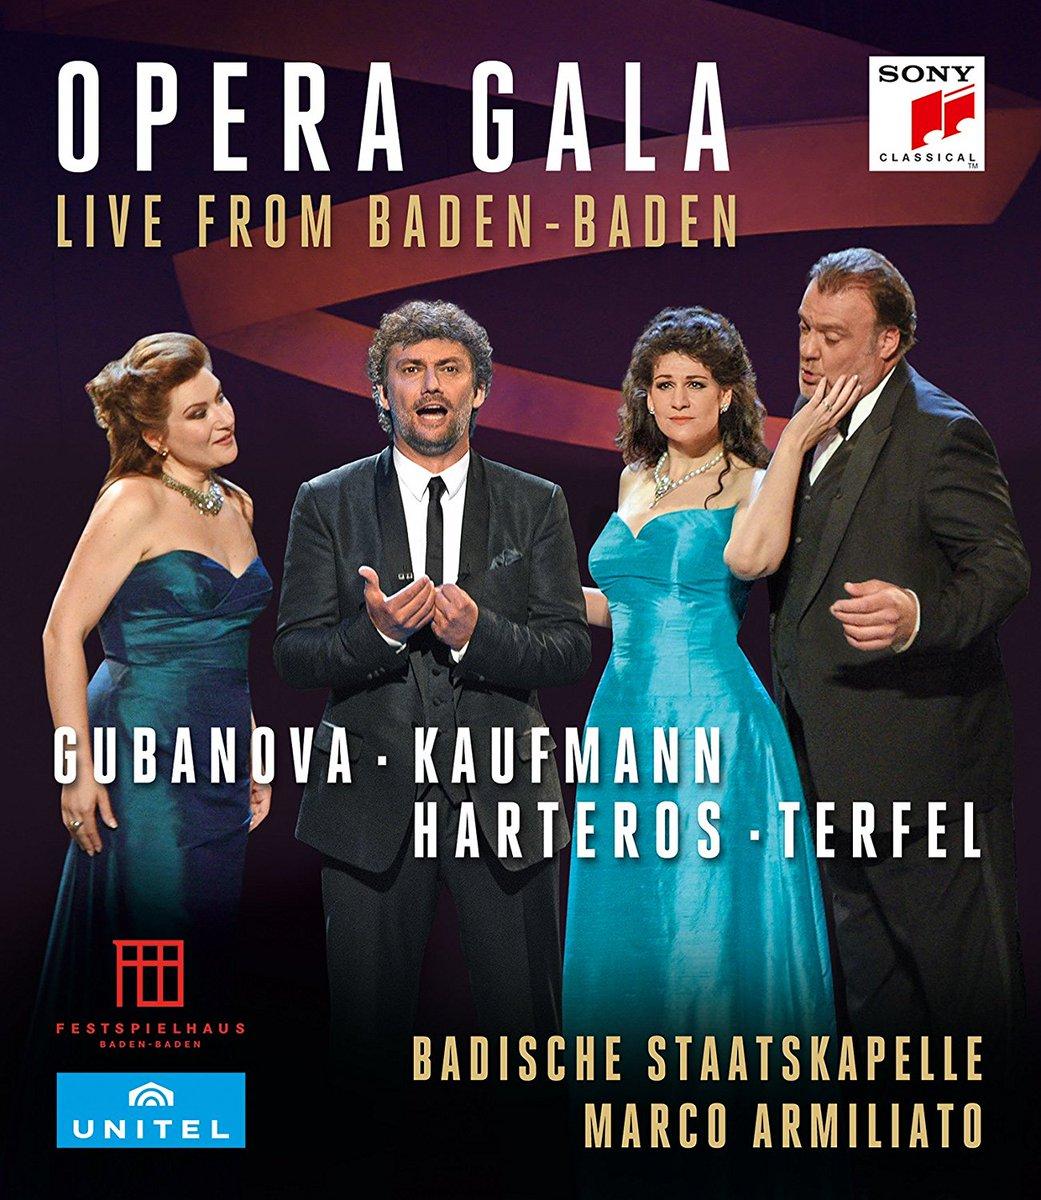 Bildergebnis für opera gala live from baden baden